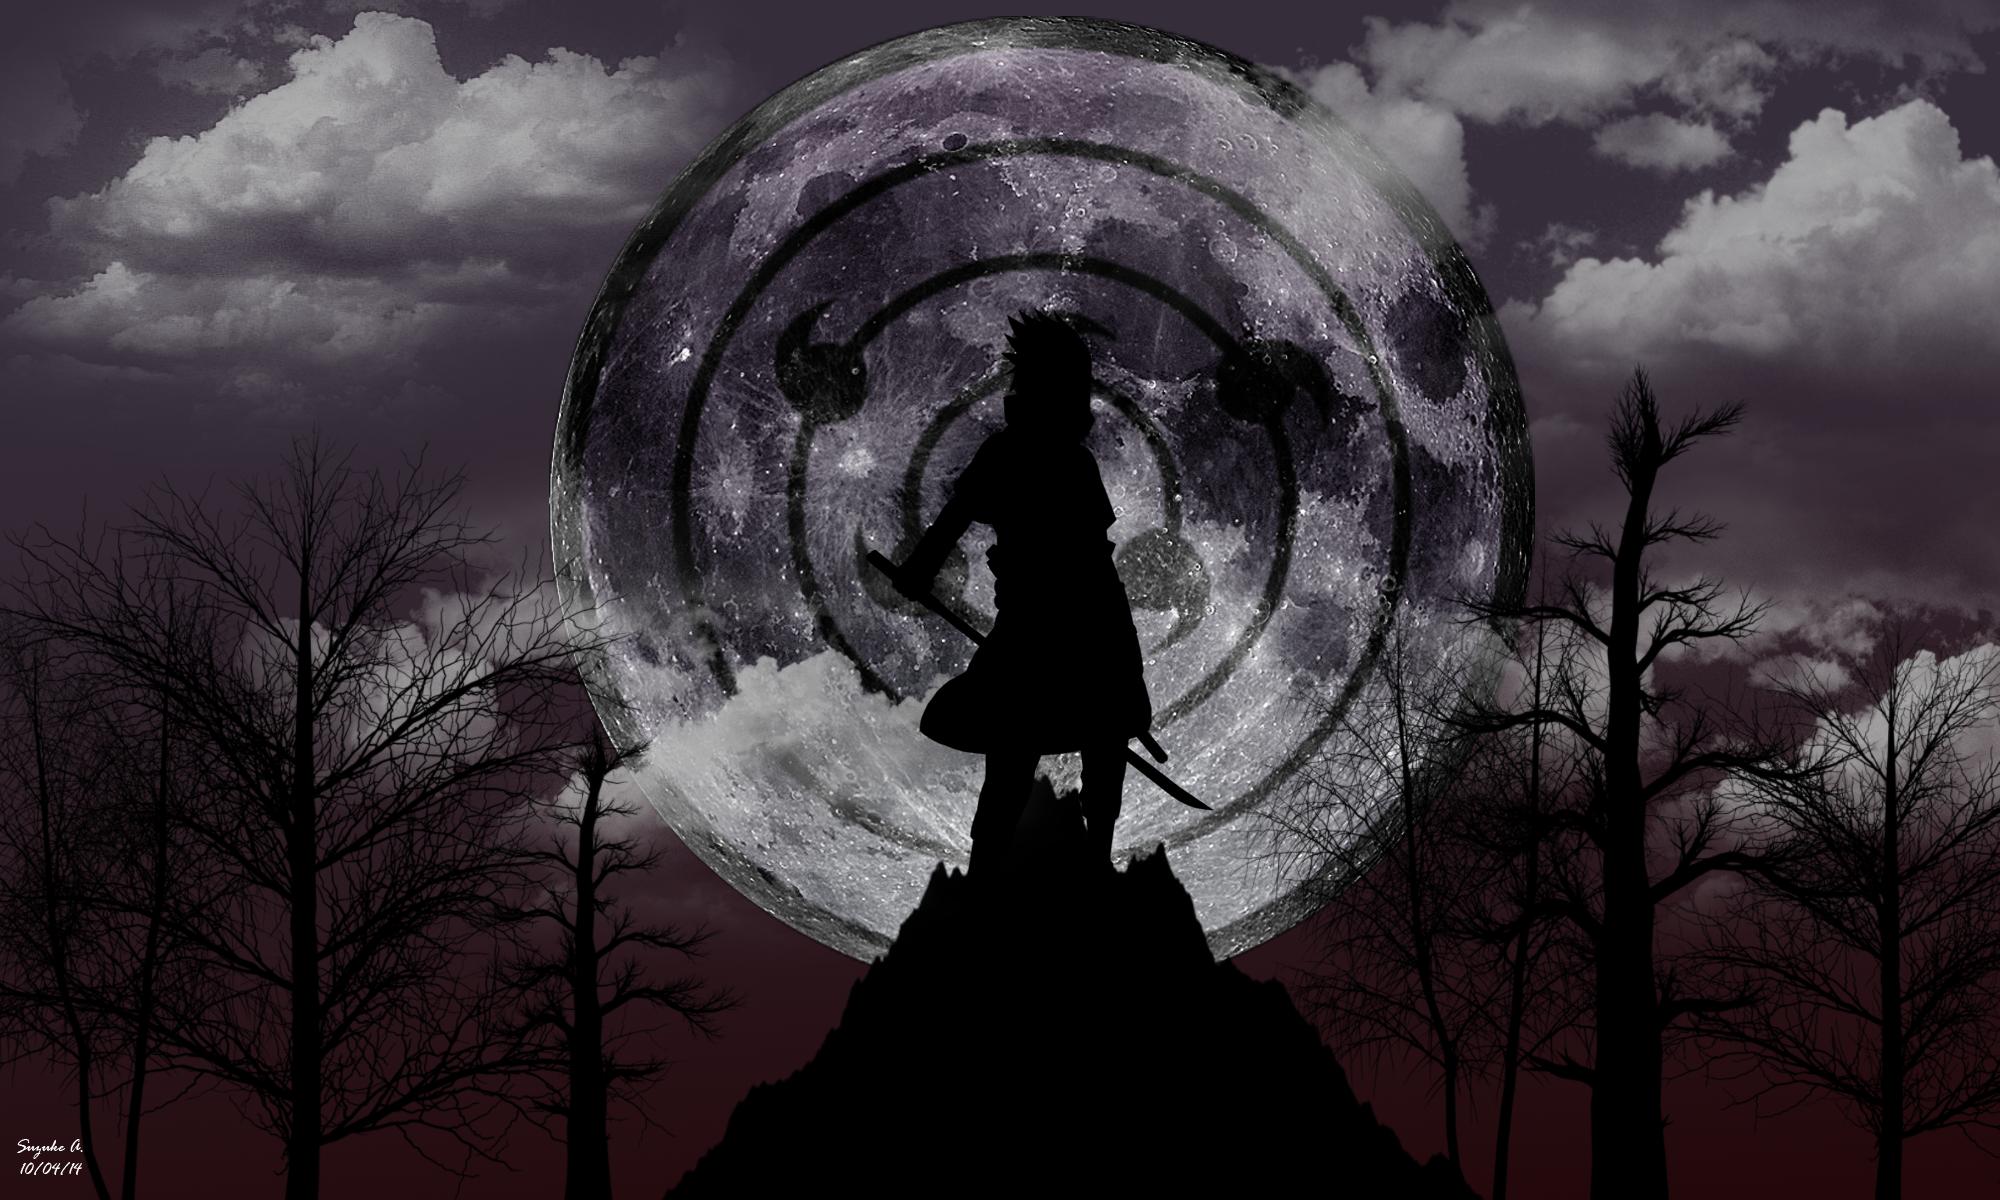 Sasuke Uchiha Rinnegan [Moon Eye] Wallpaper by SuzukeAmaterasu on 2000x1200